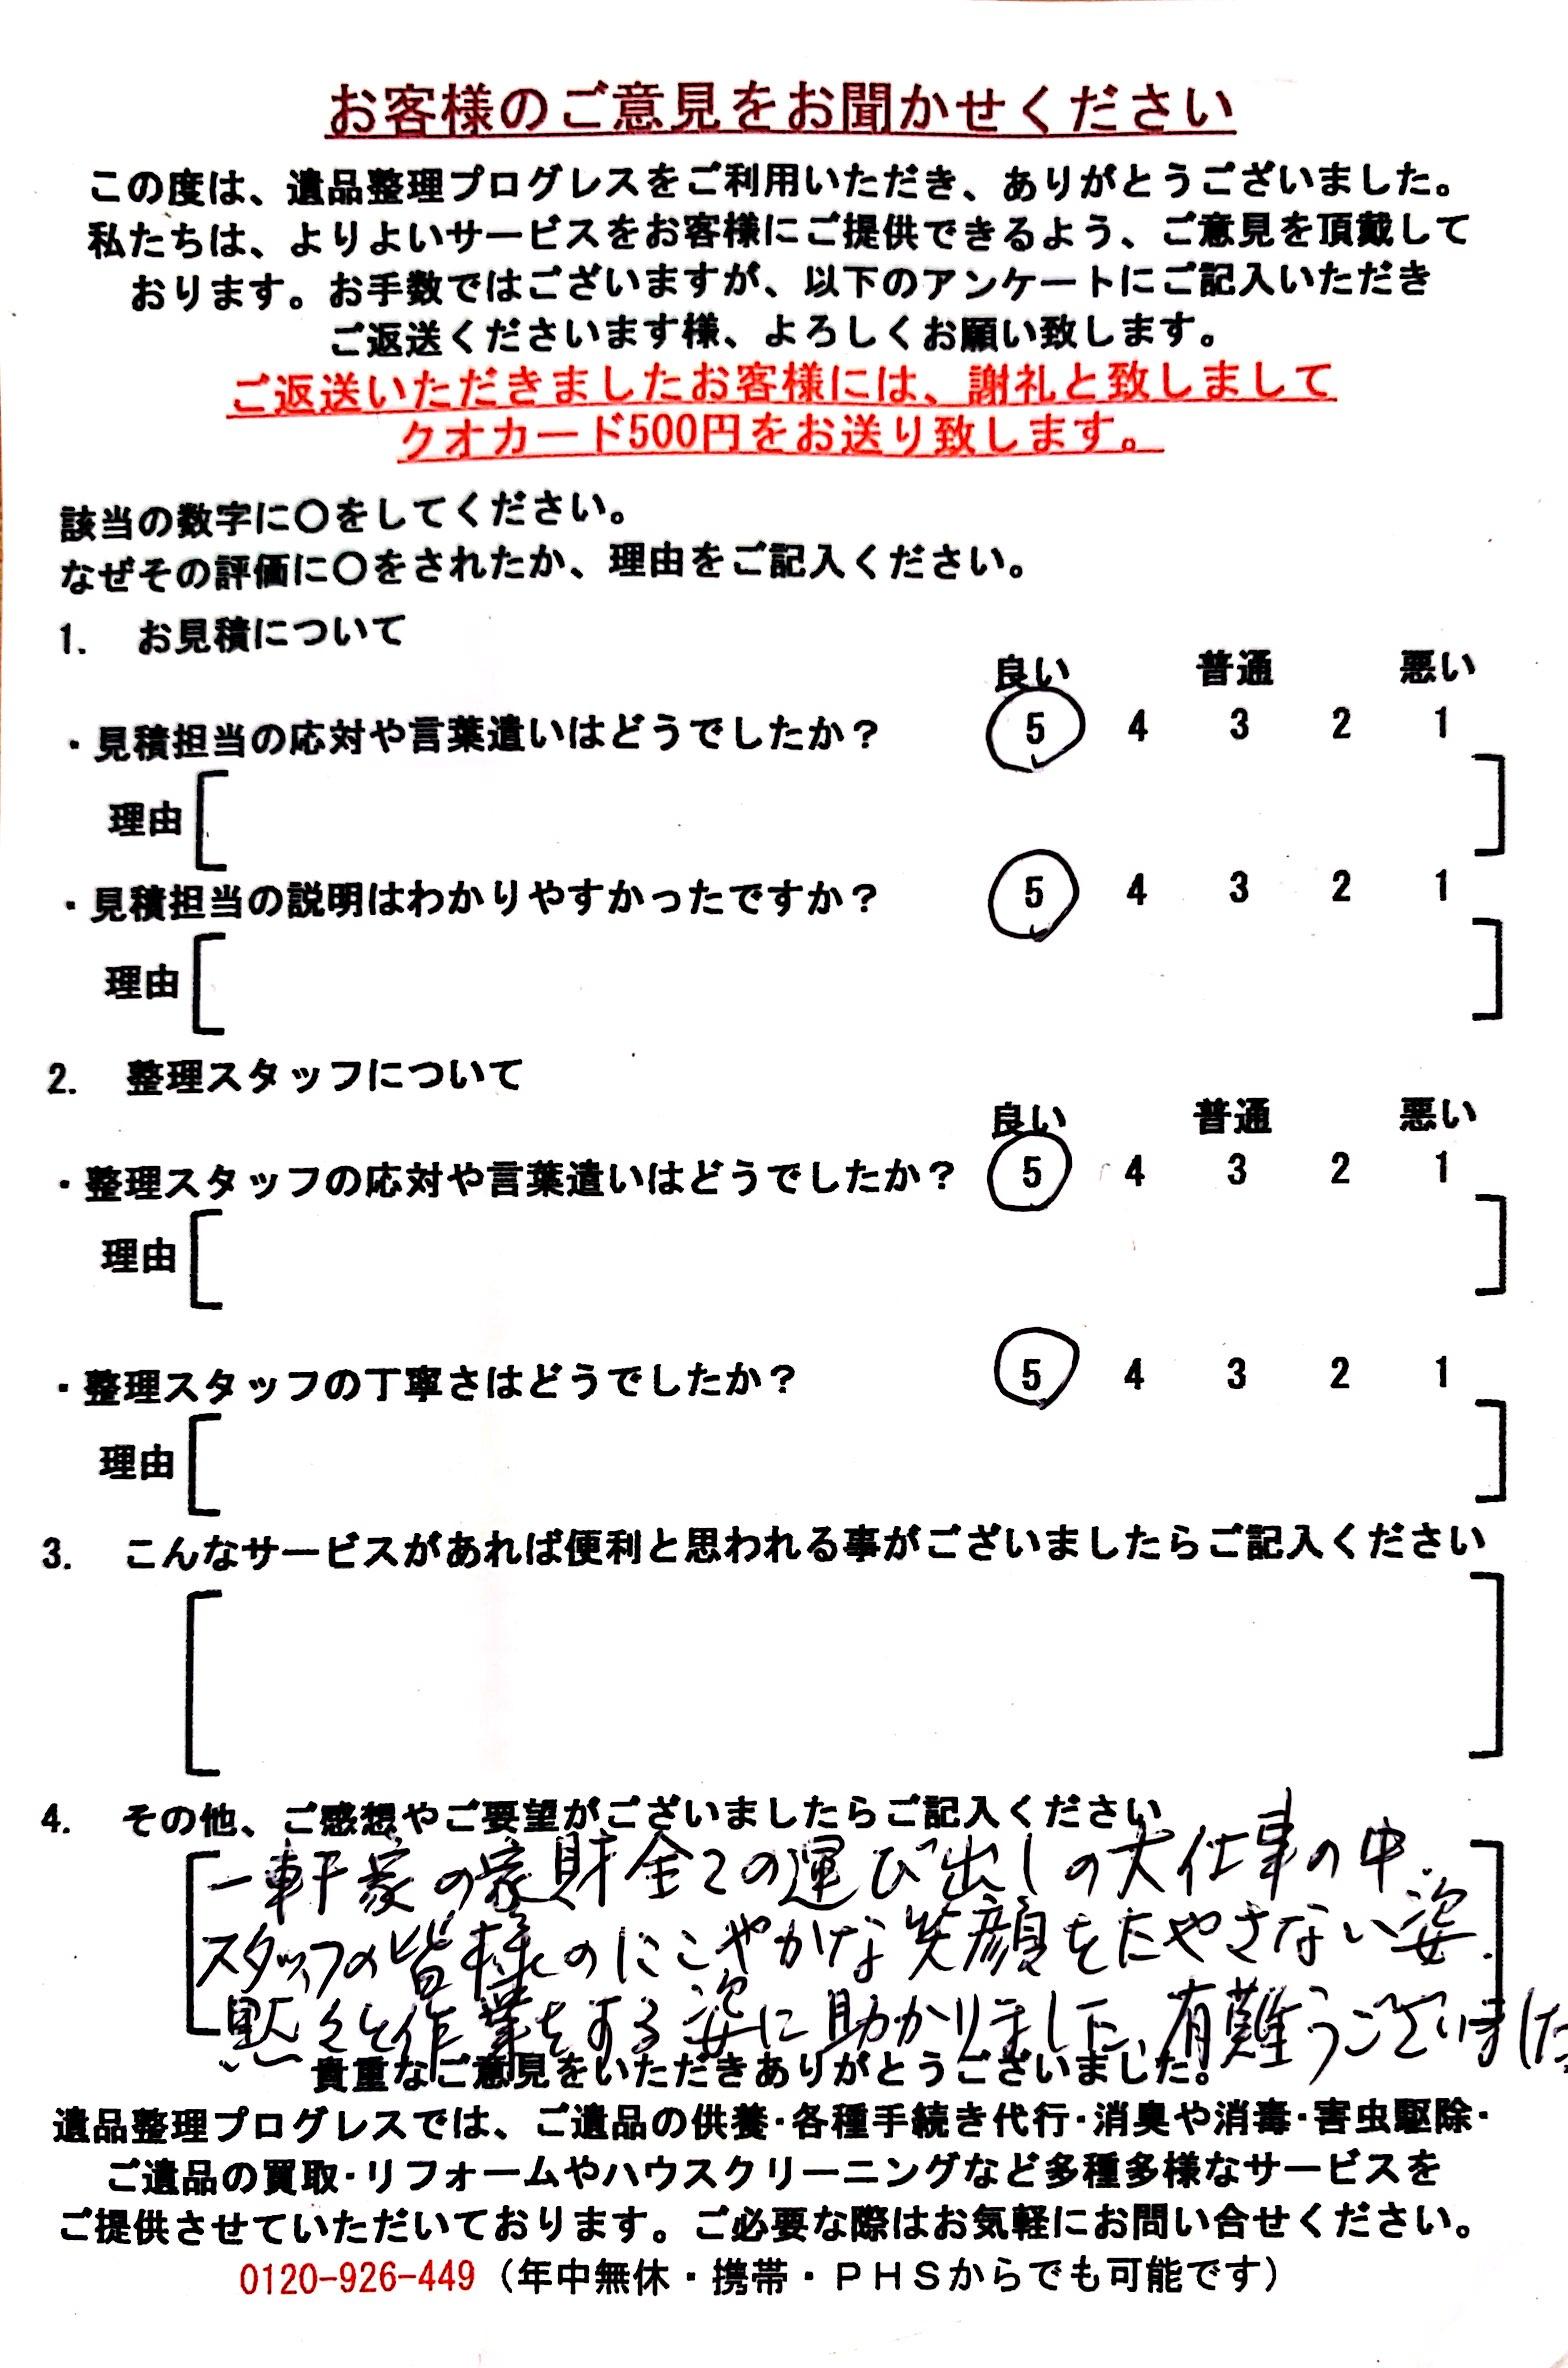 神奈川県横浜市 F・S様 のアンケート用紙